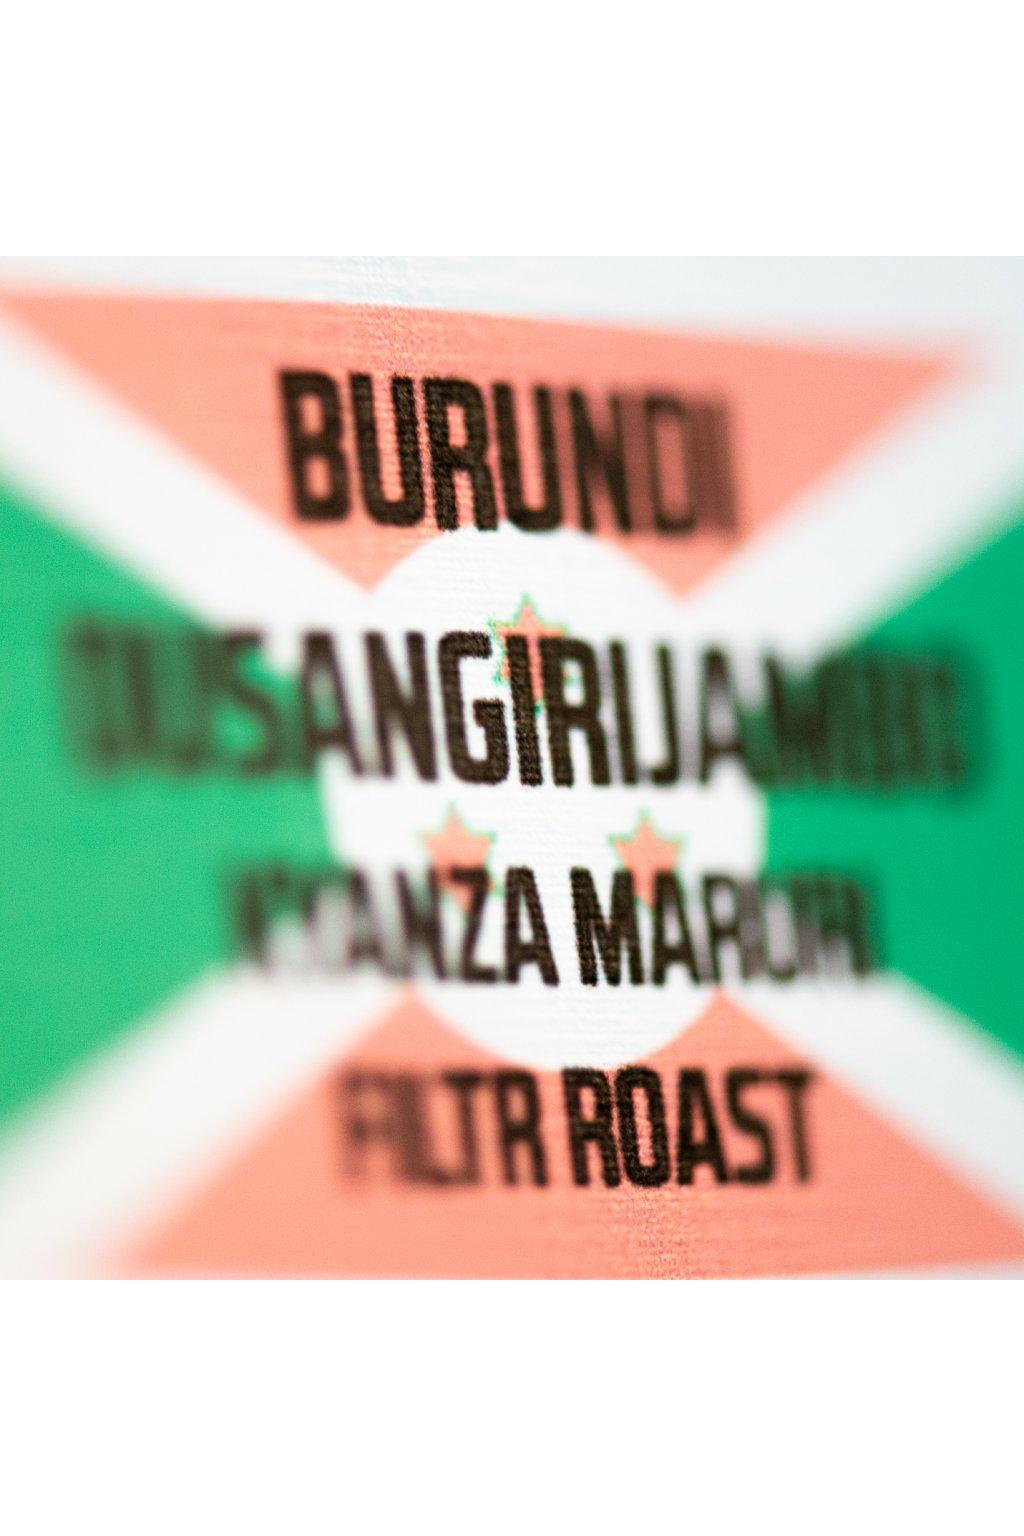 Burundi Dusangirijambo Kyanza Maruri Filtr Roast